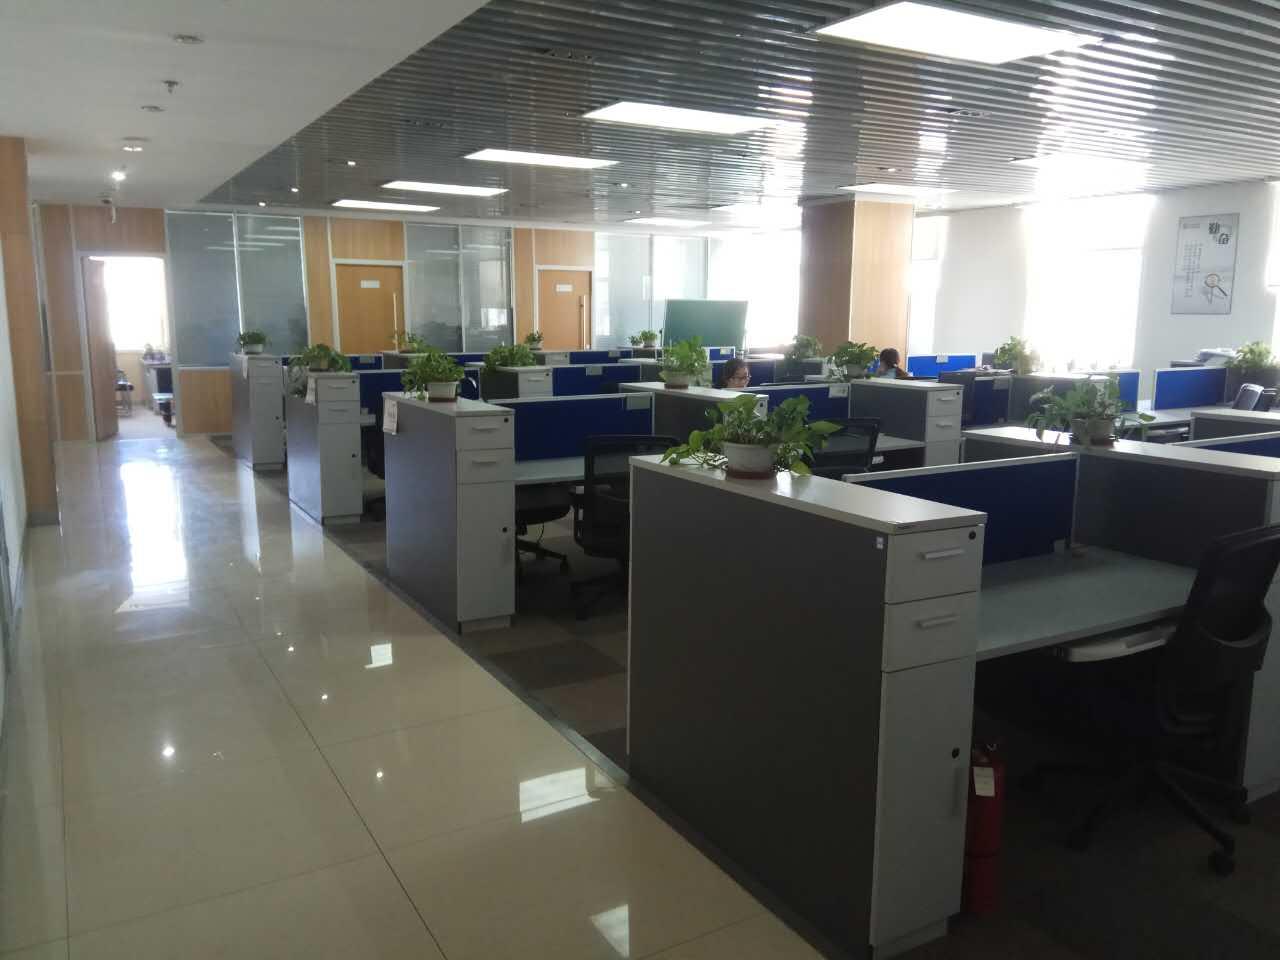 北清路用友软件园 地铁永丰站300米 精装送办公家具